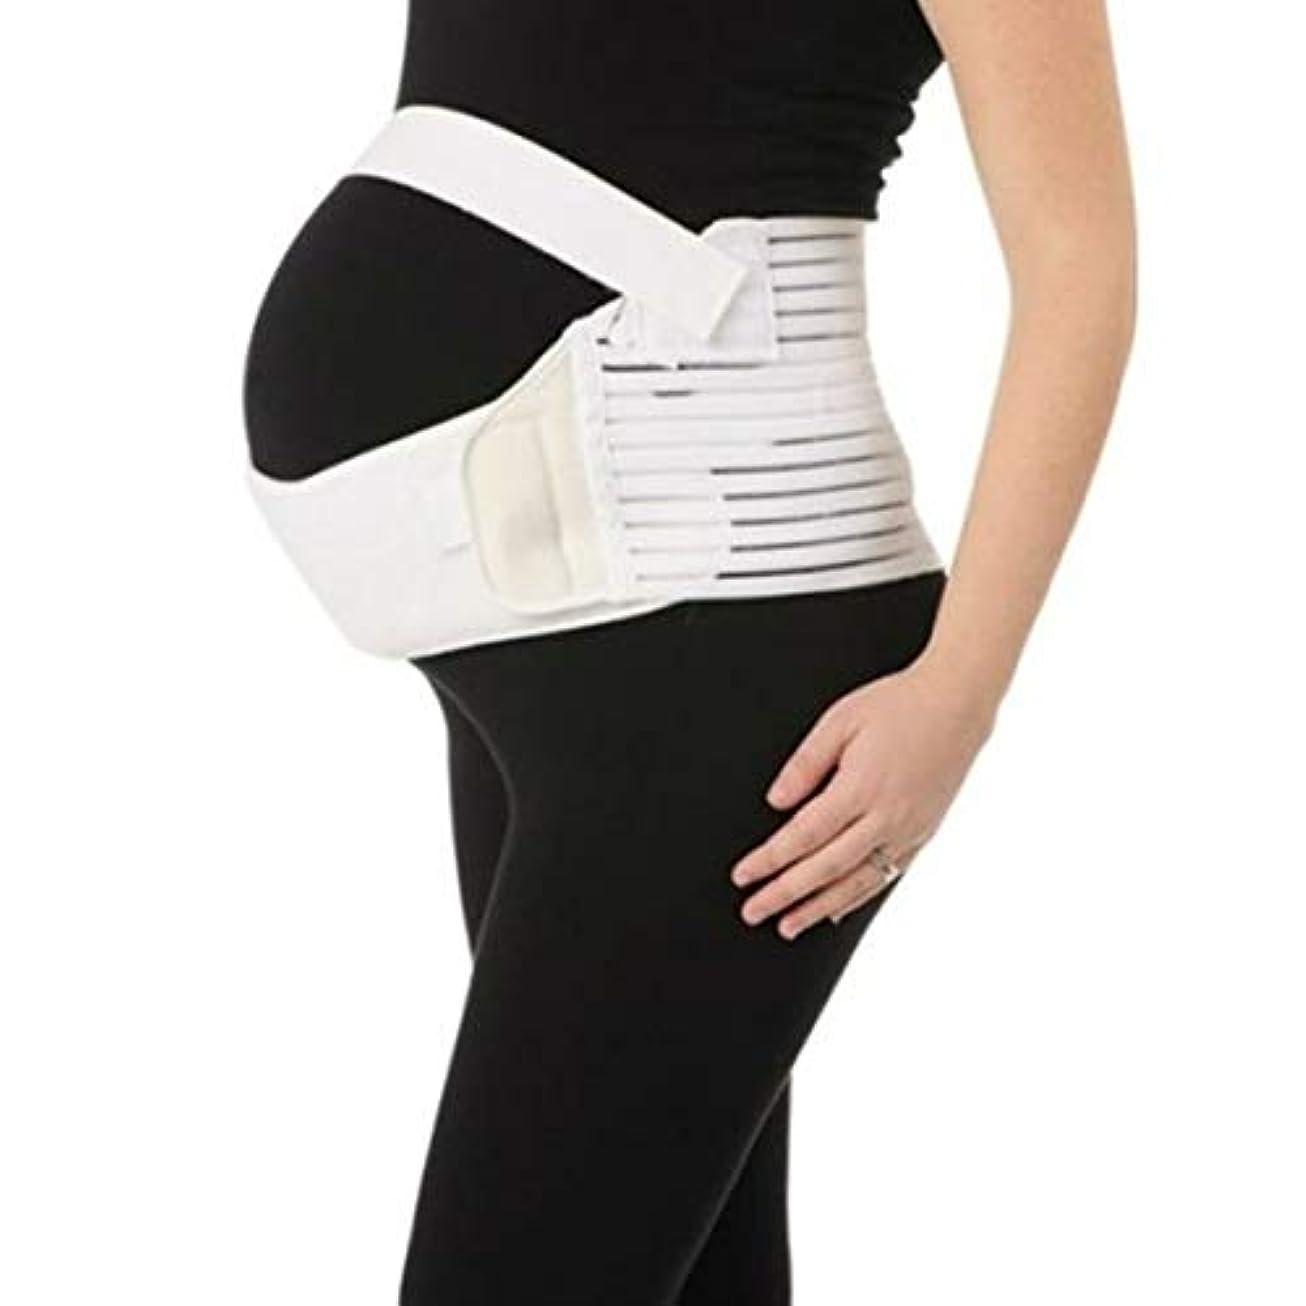 チョップ敬の念クルーズ通気性マタニティベルト妊娠腹部サポート腹部バインダーガードル運動包帯産後の回復shapewear - ホワイトL